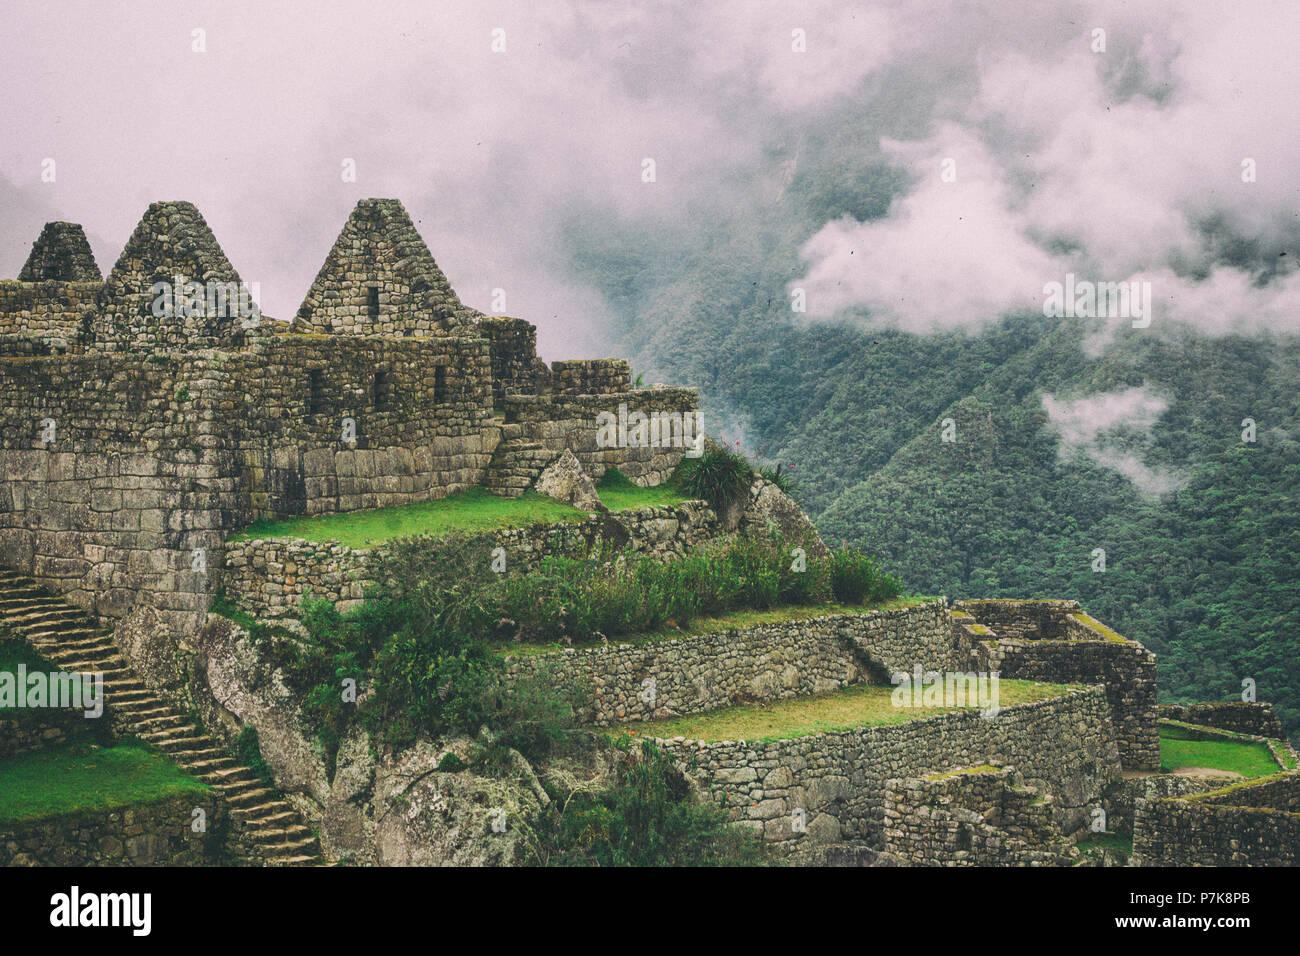 Ruinas De Casas Y Cultivos En Terrazas Sobre Un Acantilado